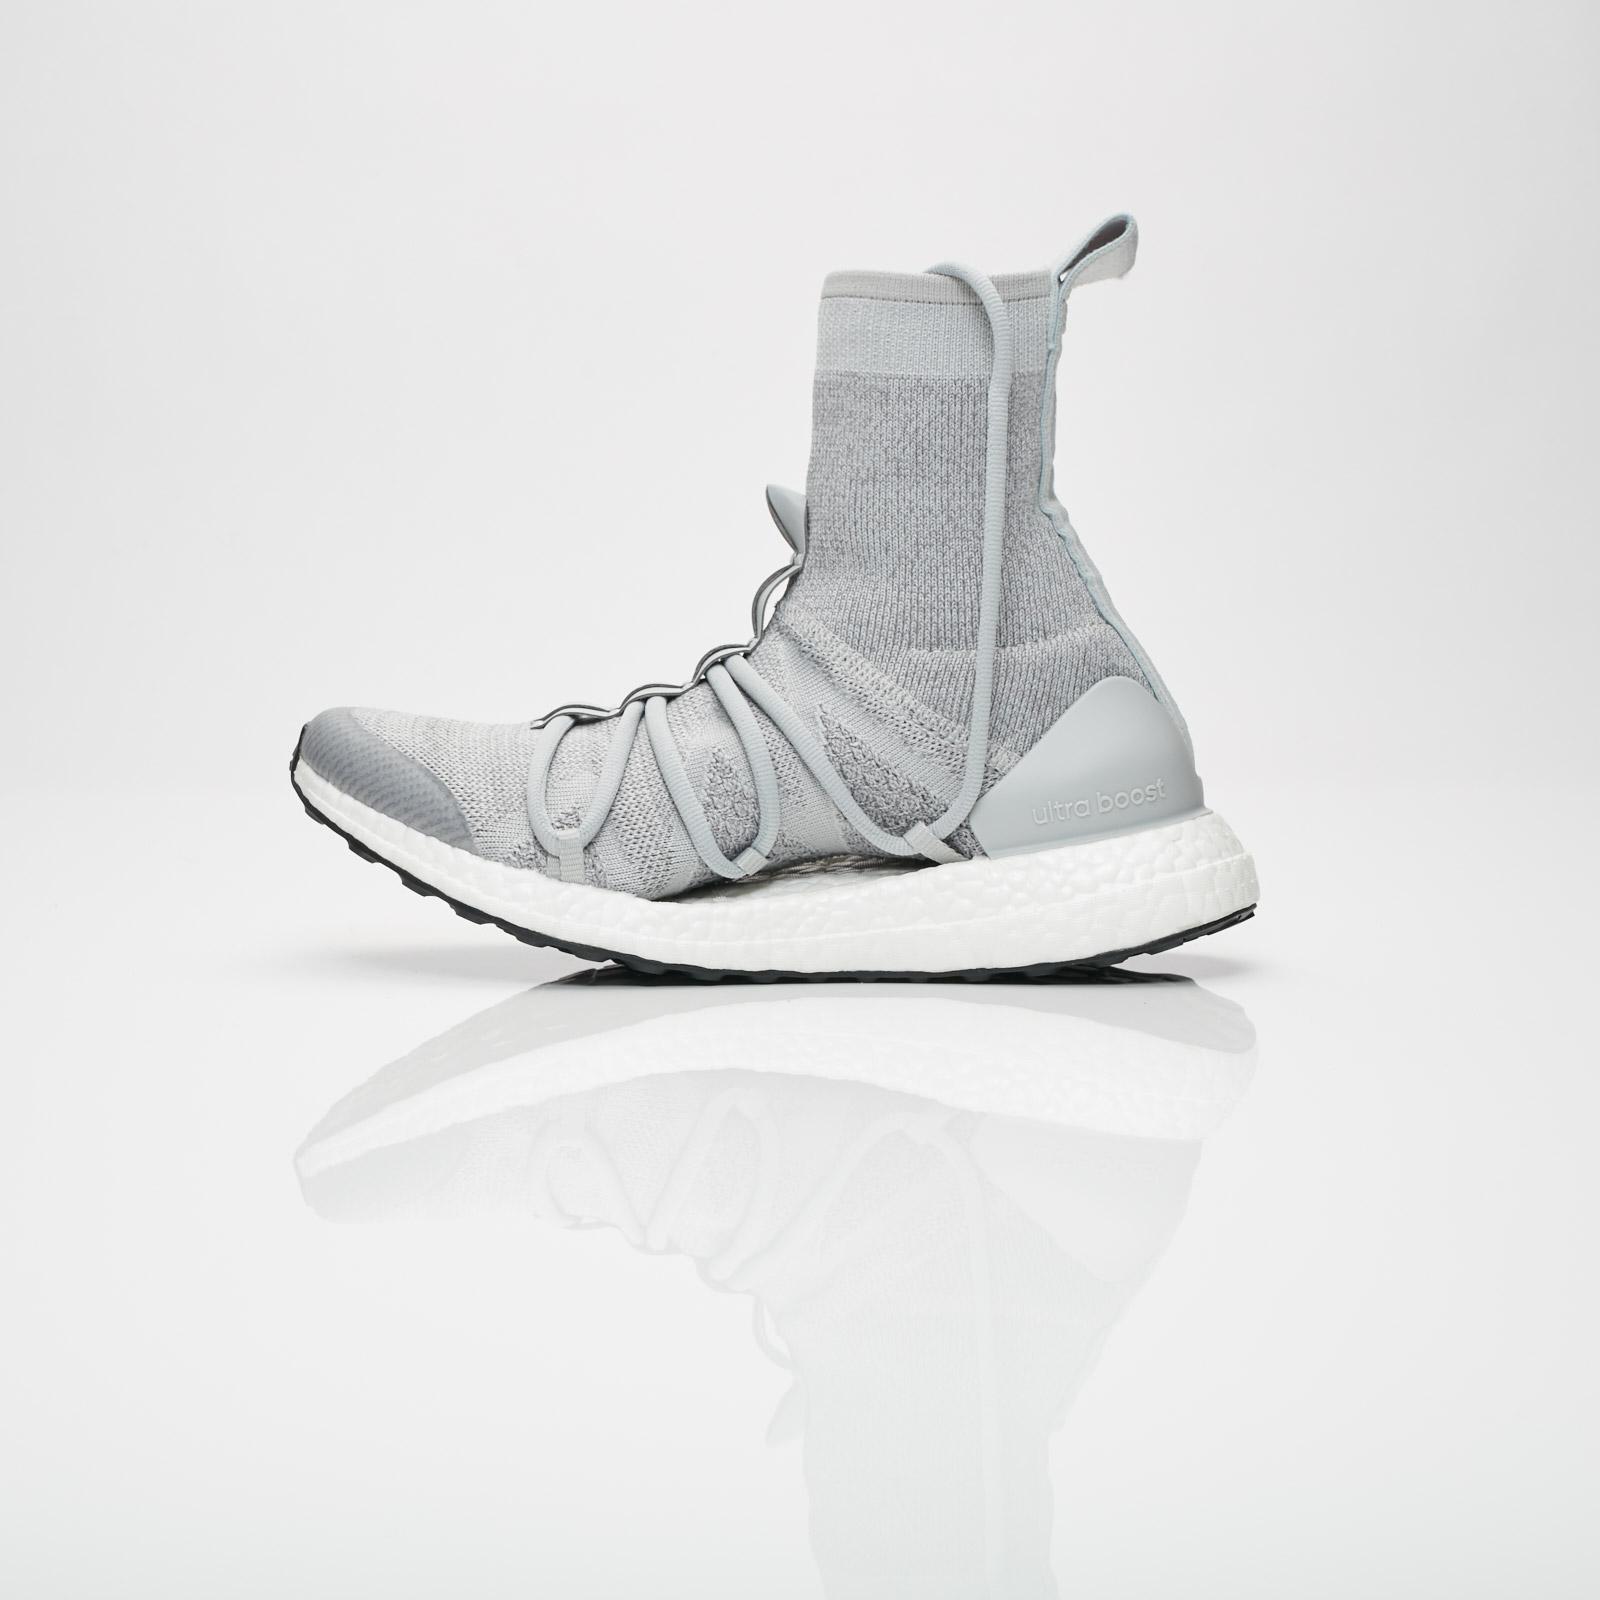 A mediados de bb6269 sneakersnstuff zapatillas adidas ultraboost X